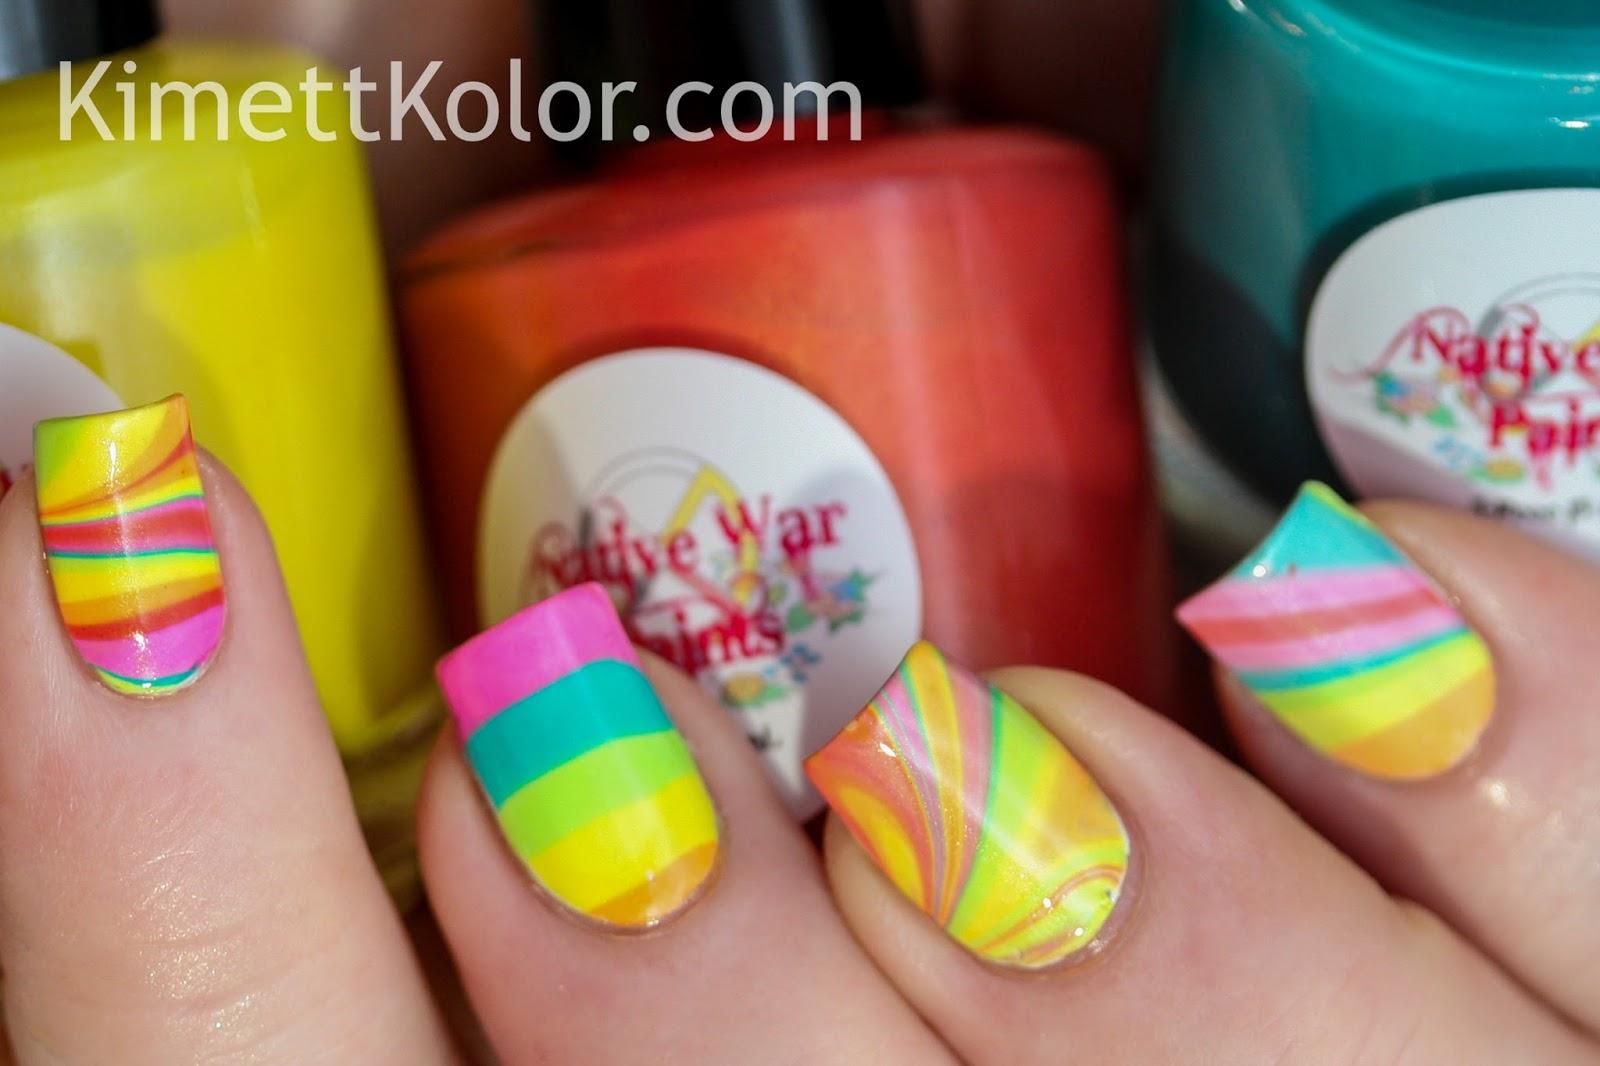 Kimett Kolor Neon Water Marble Nail Art